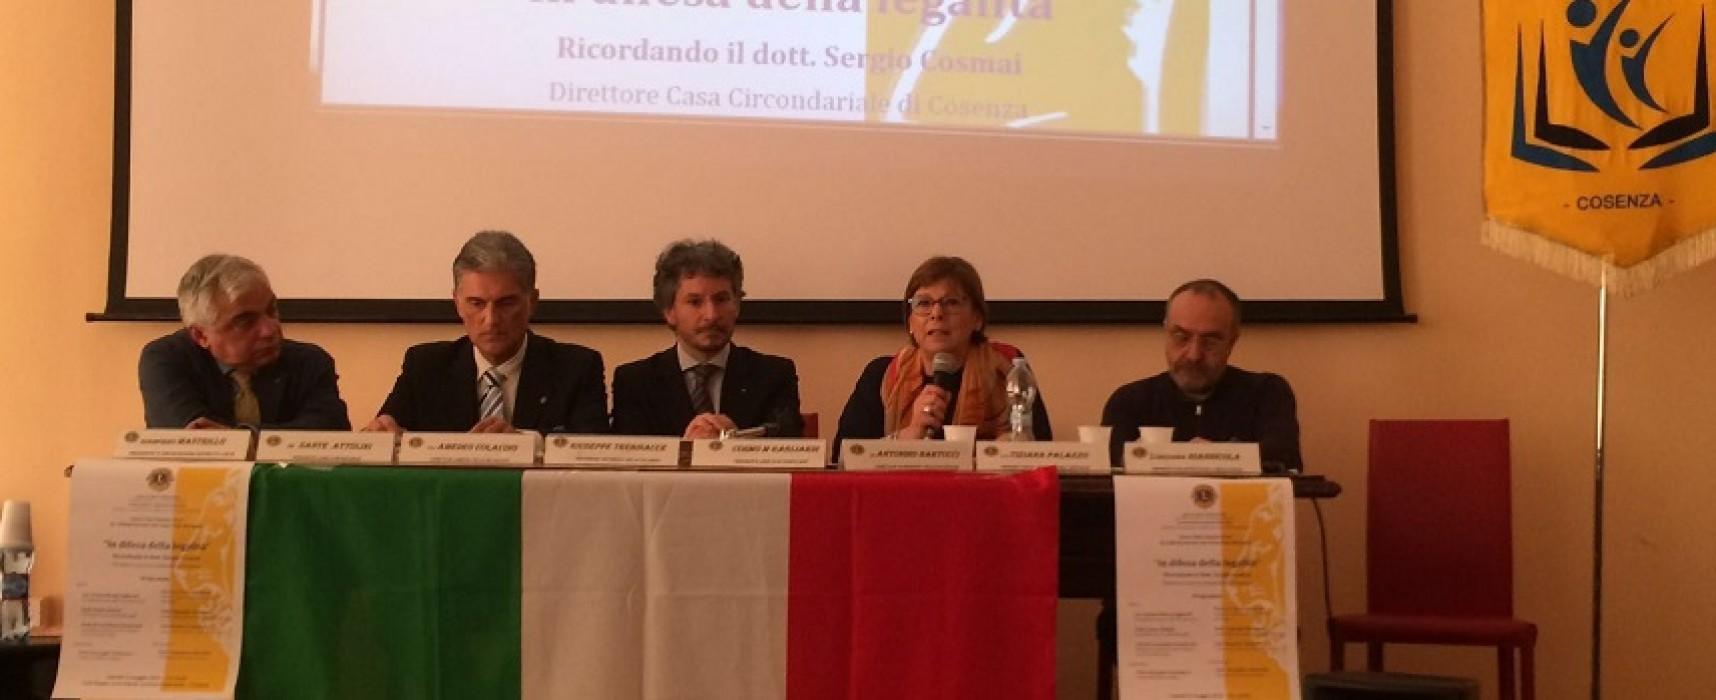 Il gruppo Lions a Cosenza per rendere omaggio a Sergio Cosmai